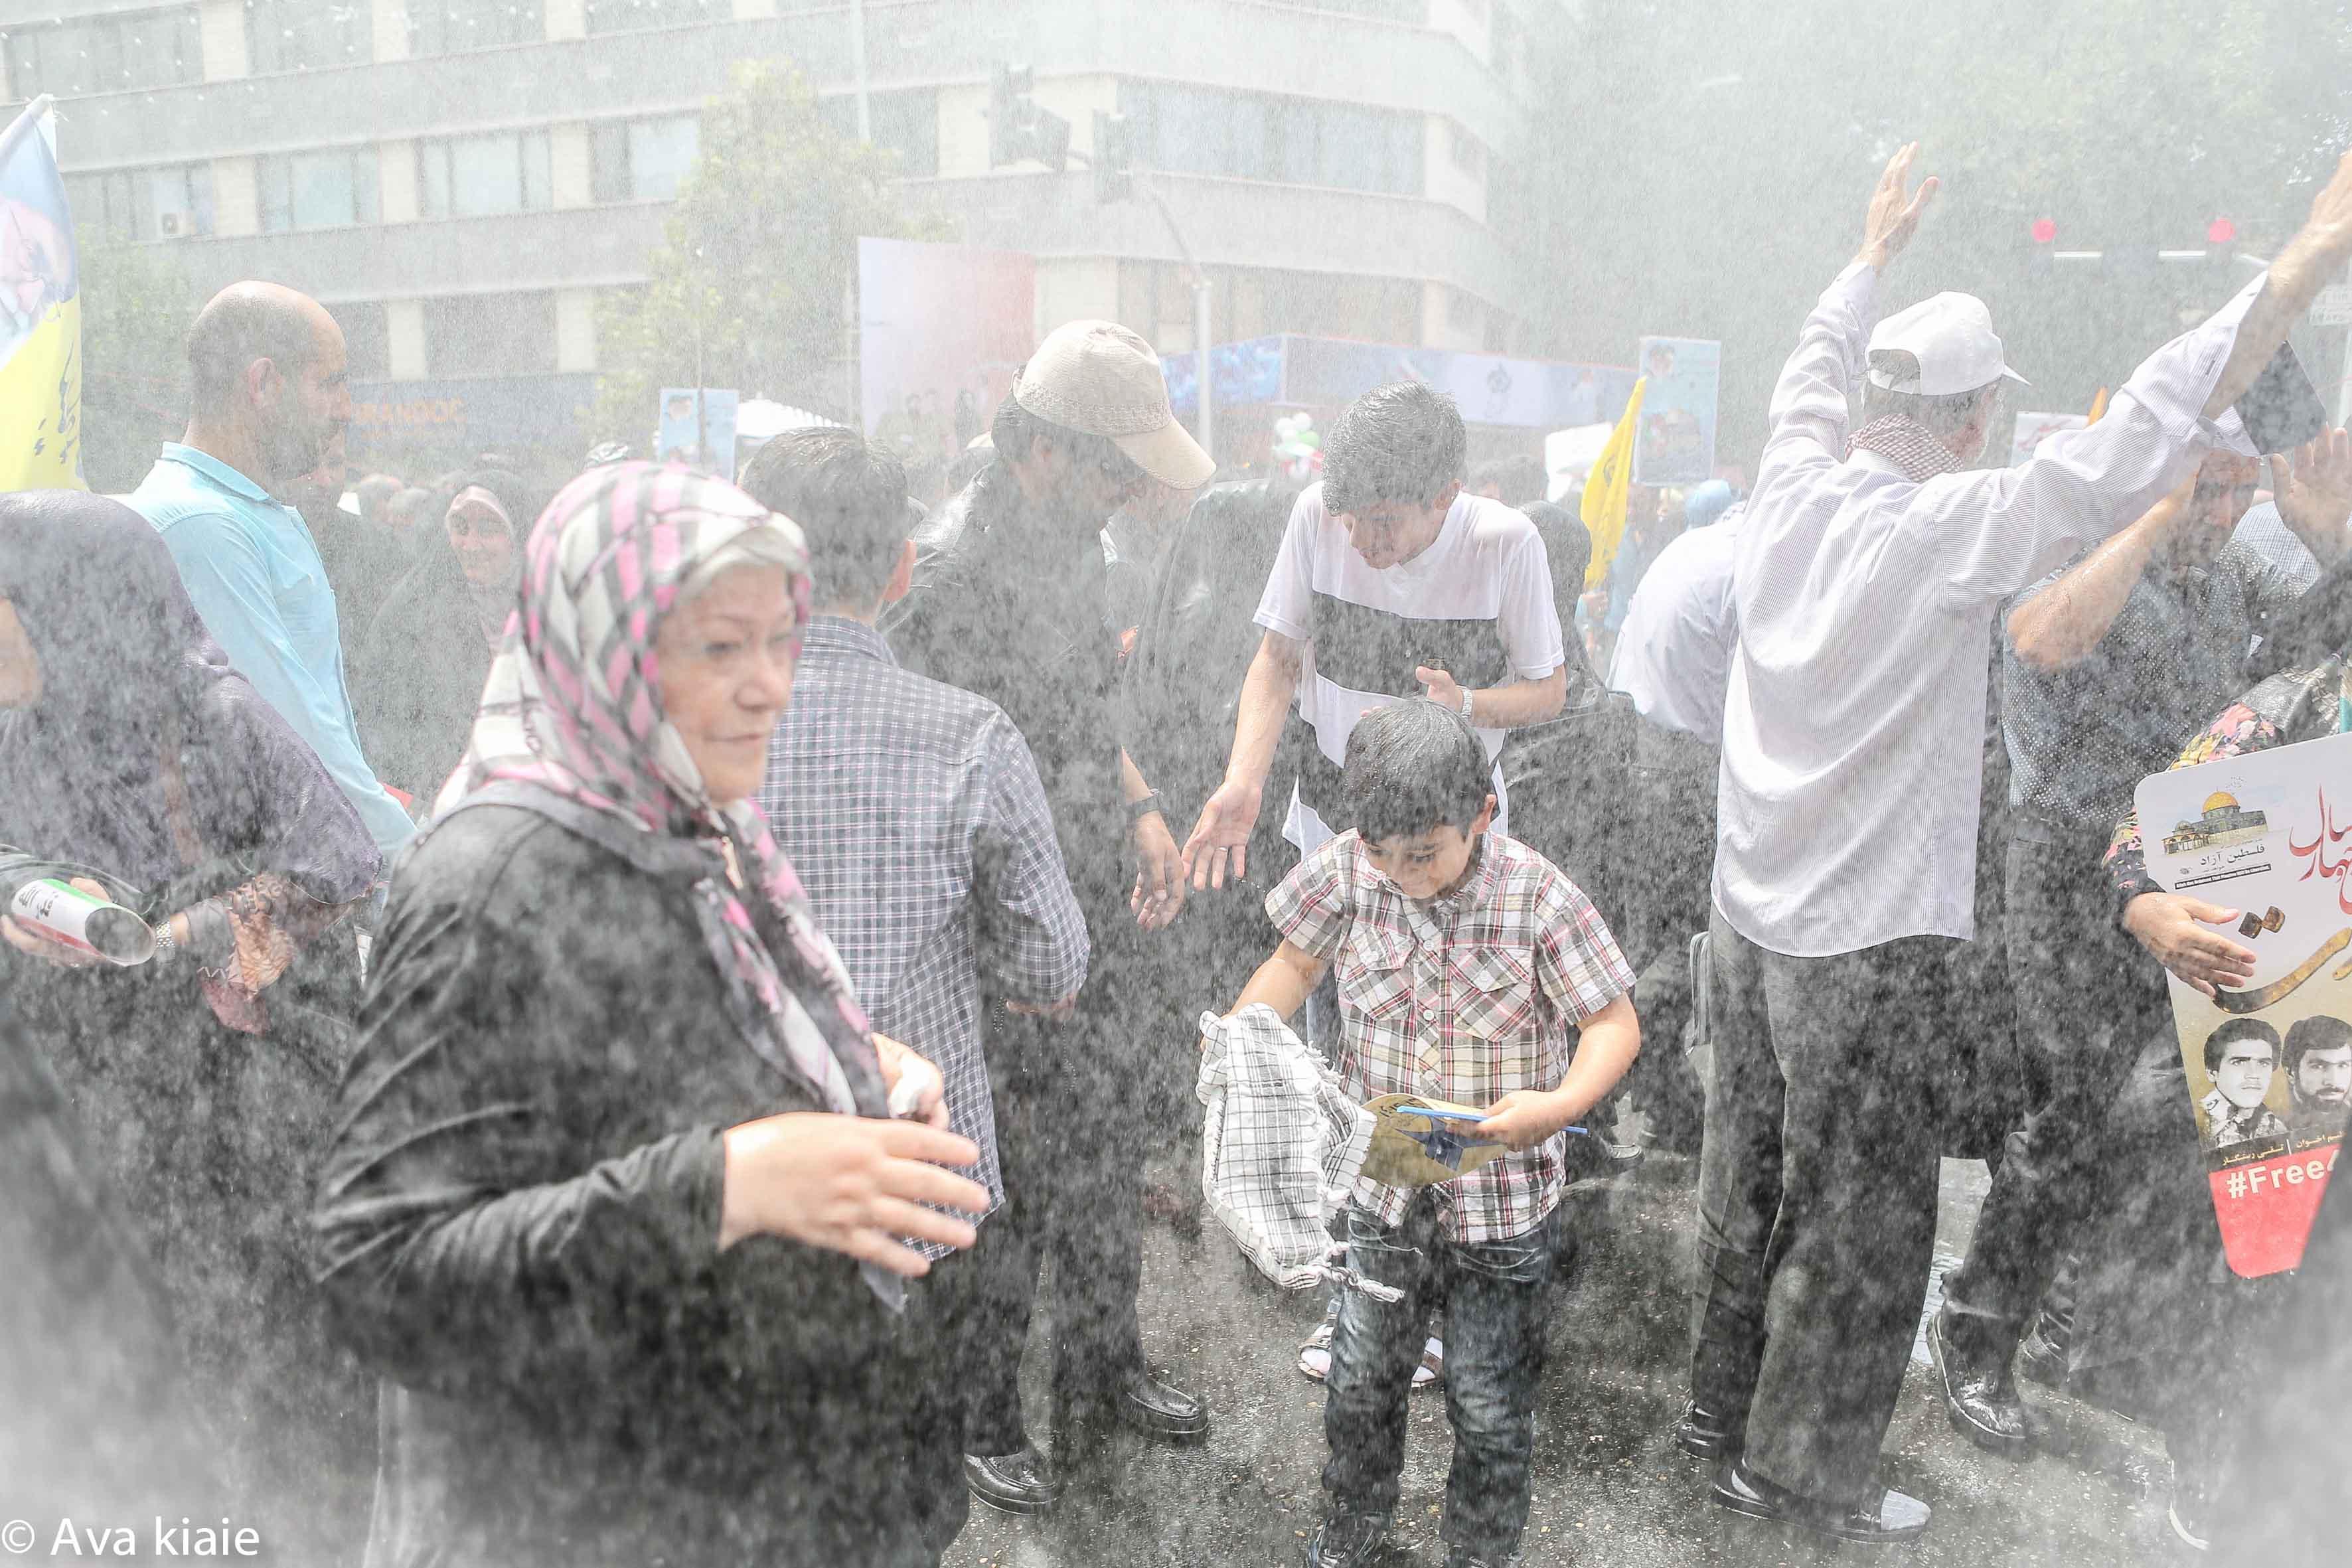 تصاویر راهپیمایی روز قدس به روایت امیدنامه